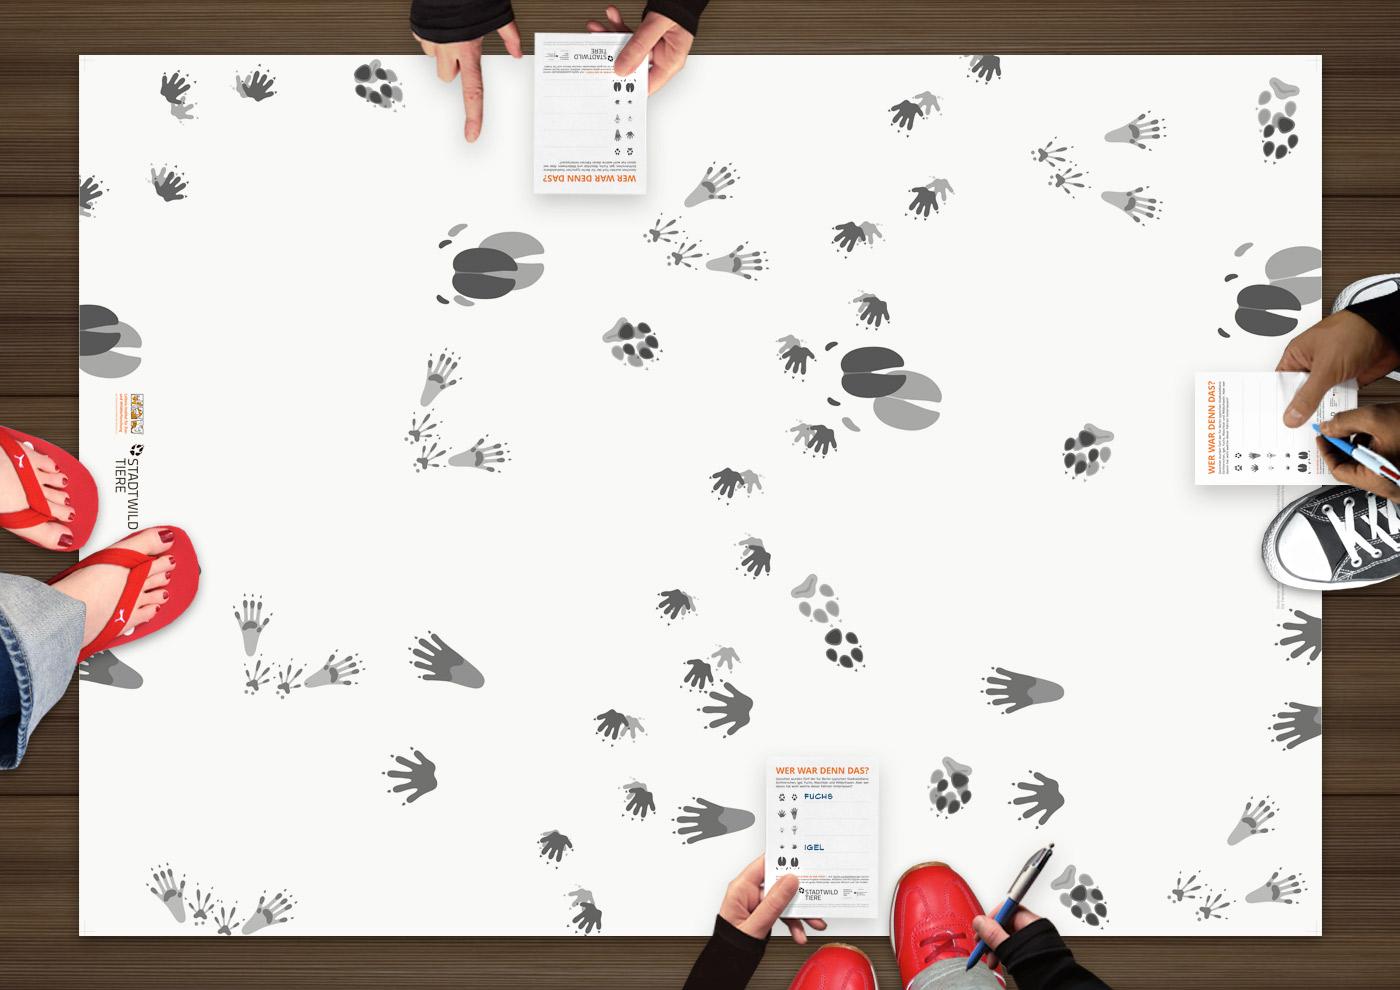 Quiz für Kinder mit Tierspuren und Fährten von Igel, Waschbär, Wildschwein, Eichhörnchen und Fuchs, für Stadtwildtiere im IZW im BBIB, von Iris Luckhaus und Stefanie Argow